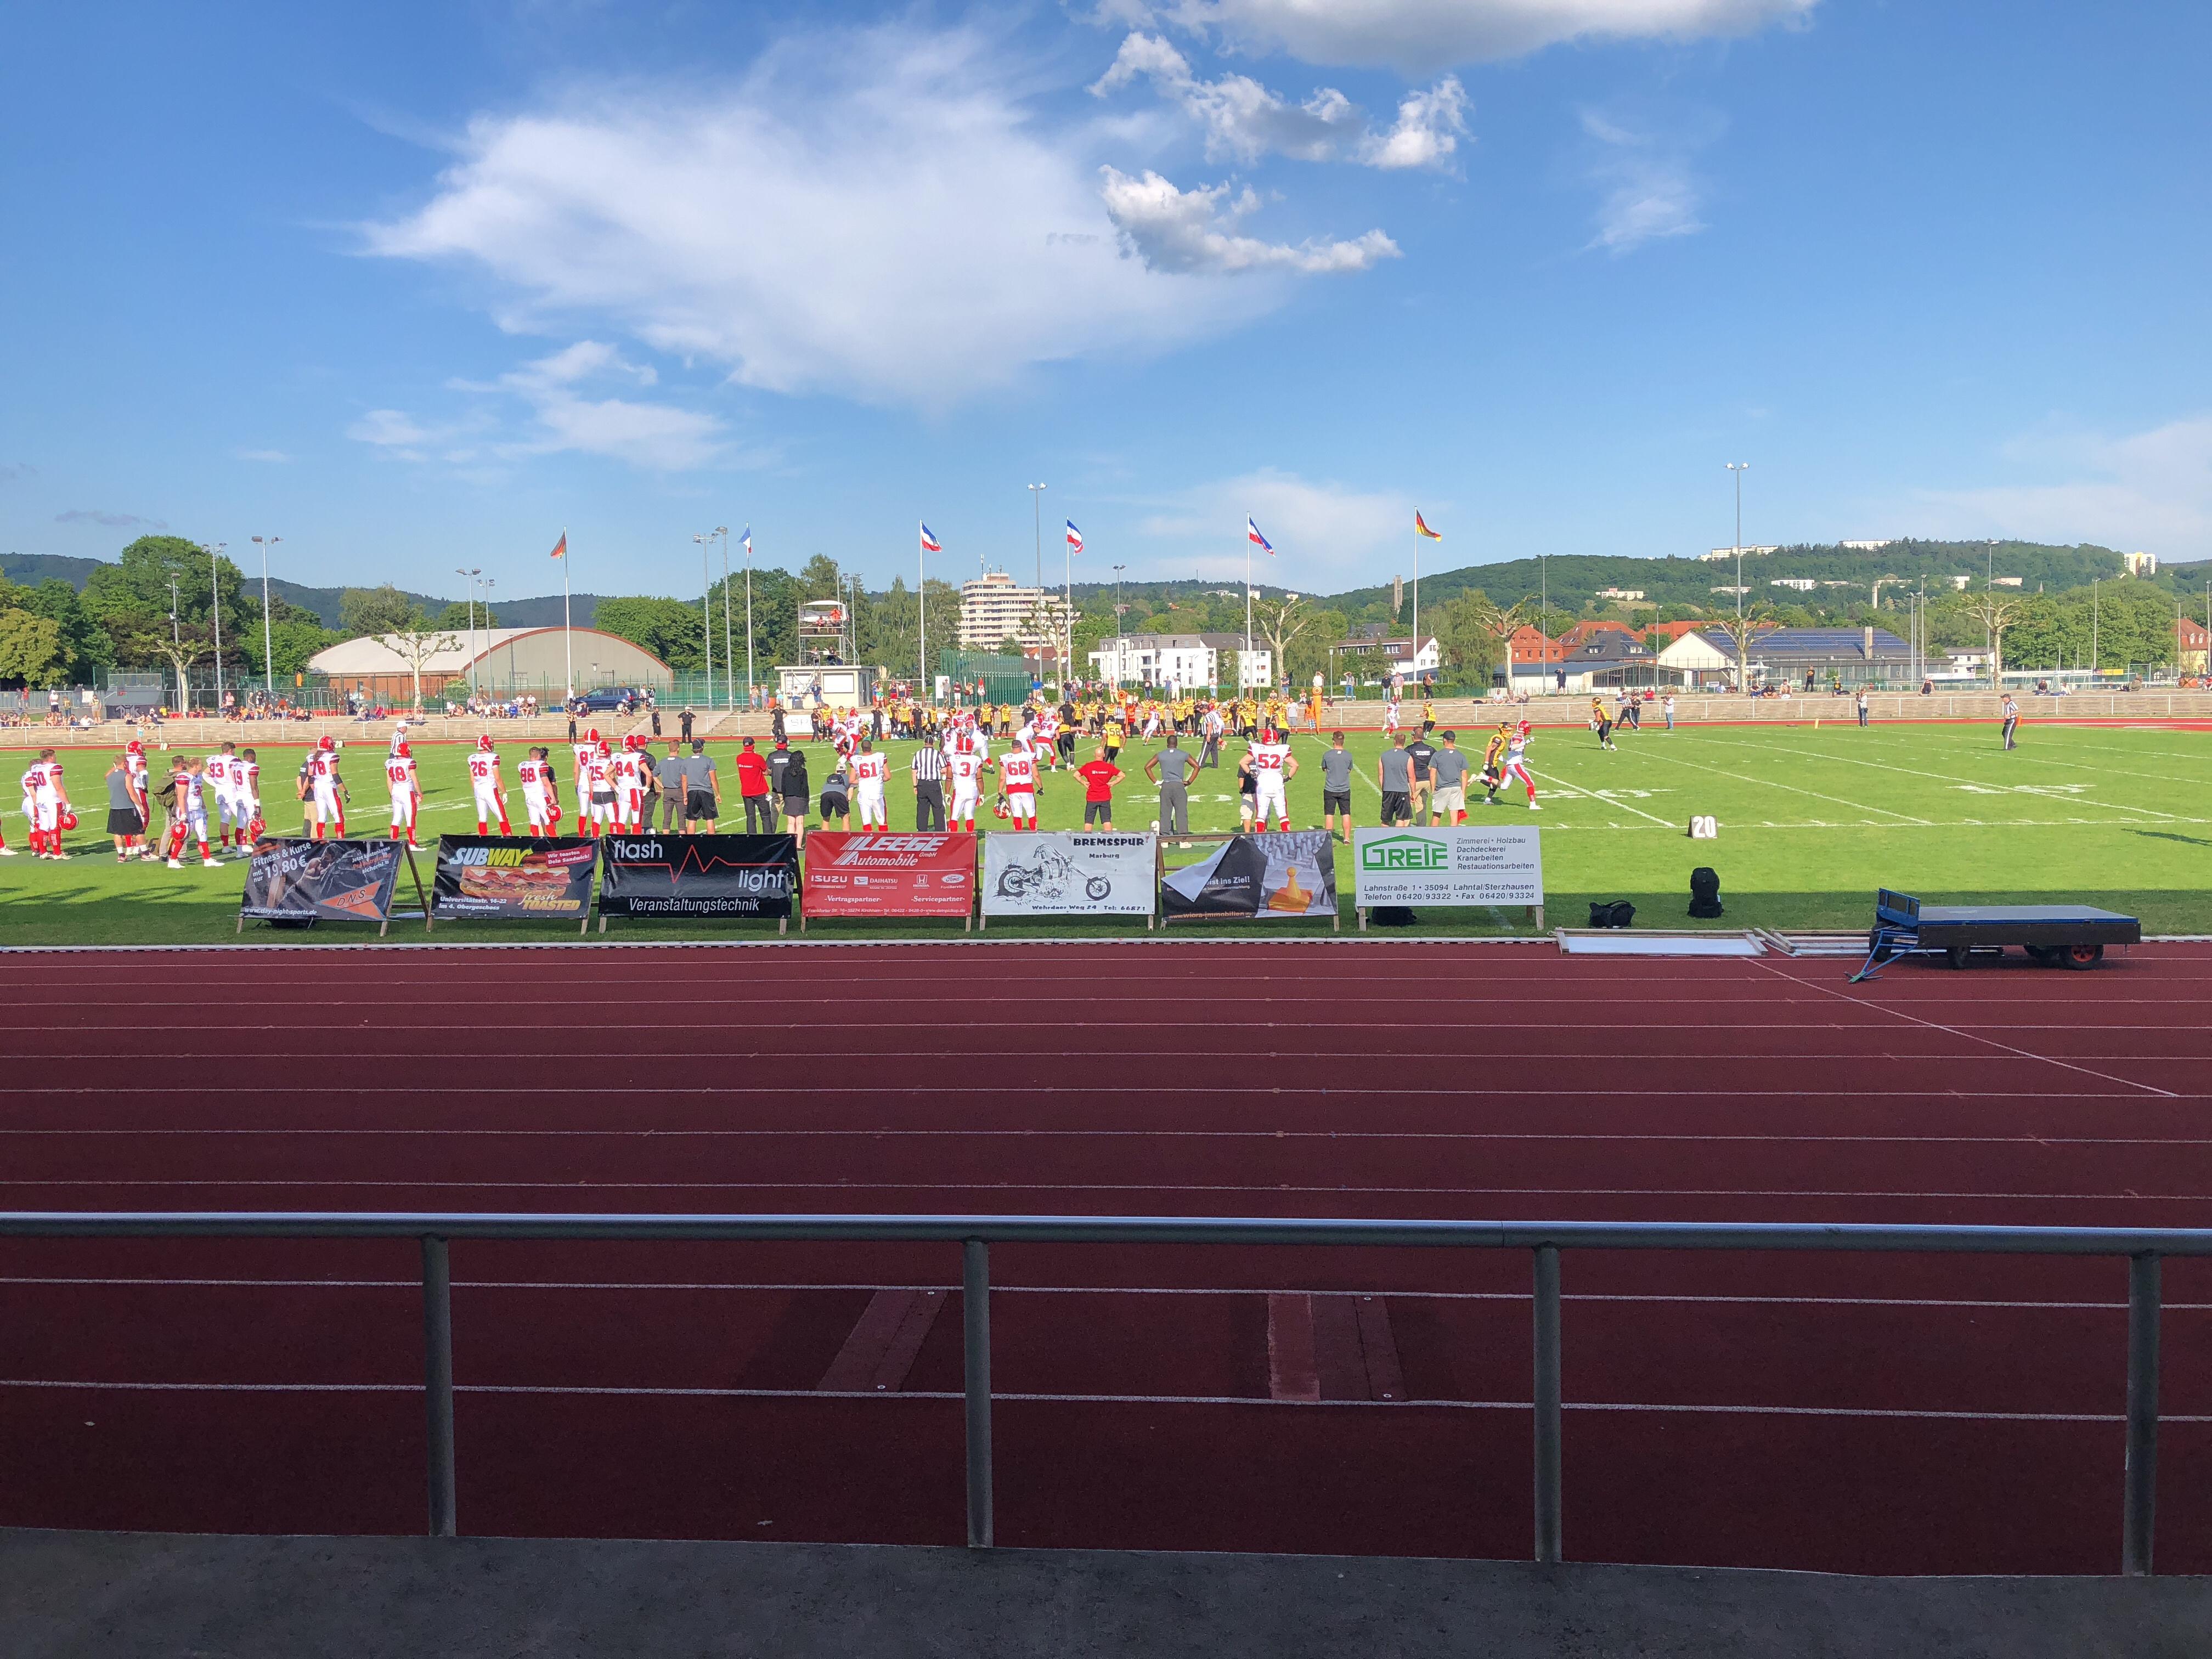 Ein Überblick über das Spielfeld während die Munich Cowboys in Marburg spielen.